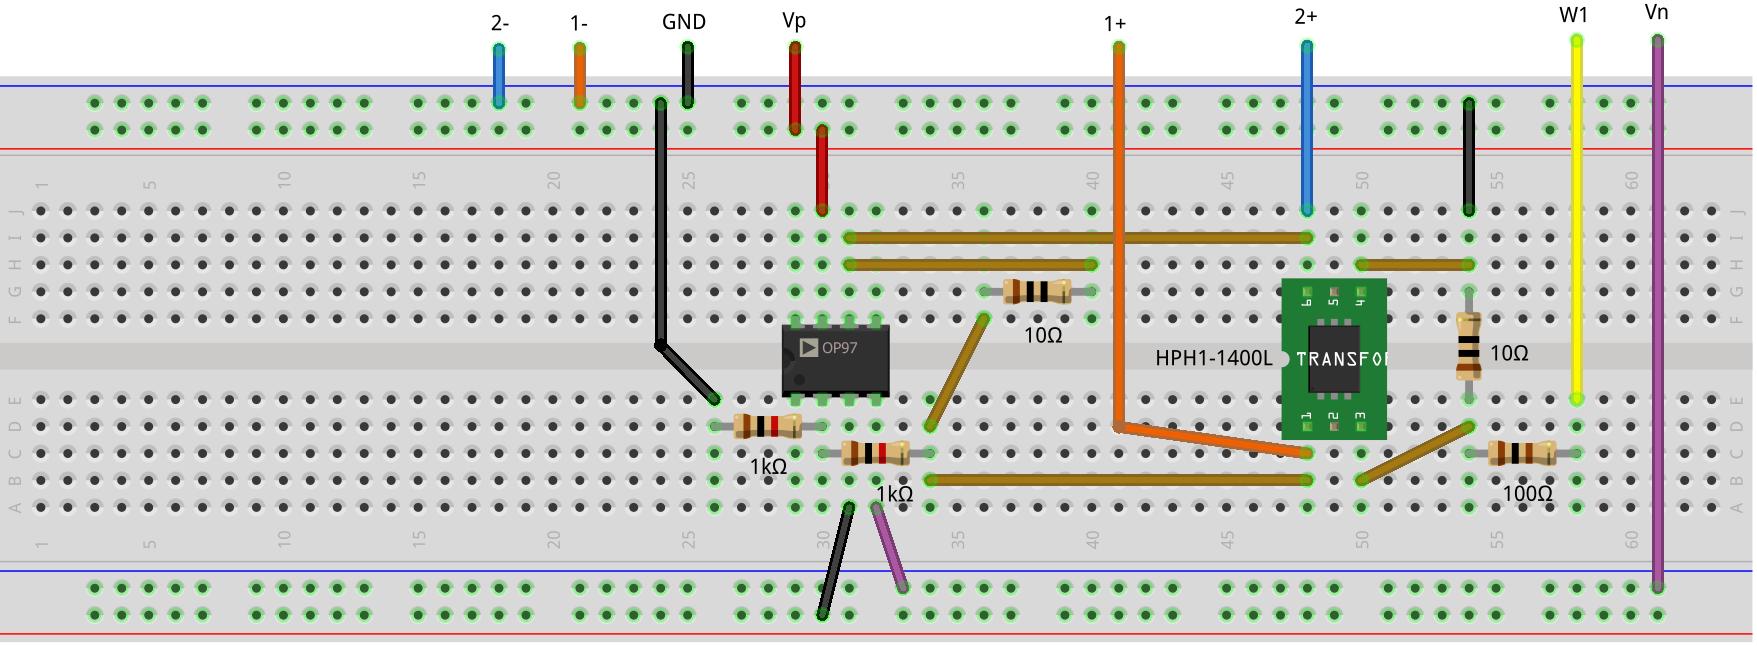 Schön Linux Schaltungsentwurf Galerie - Elektrische Schaltplan-Ideen ...